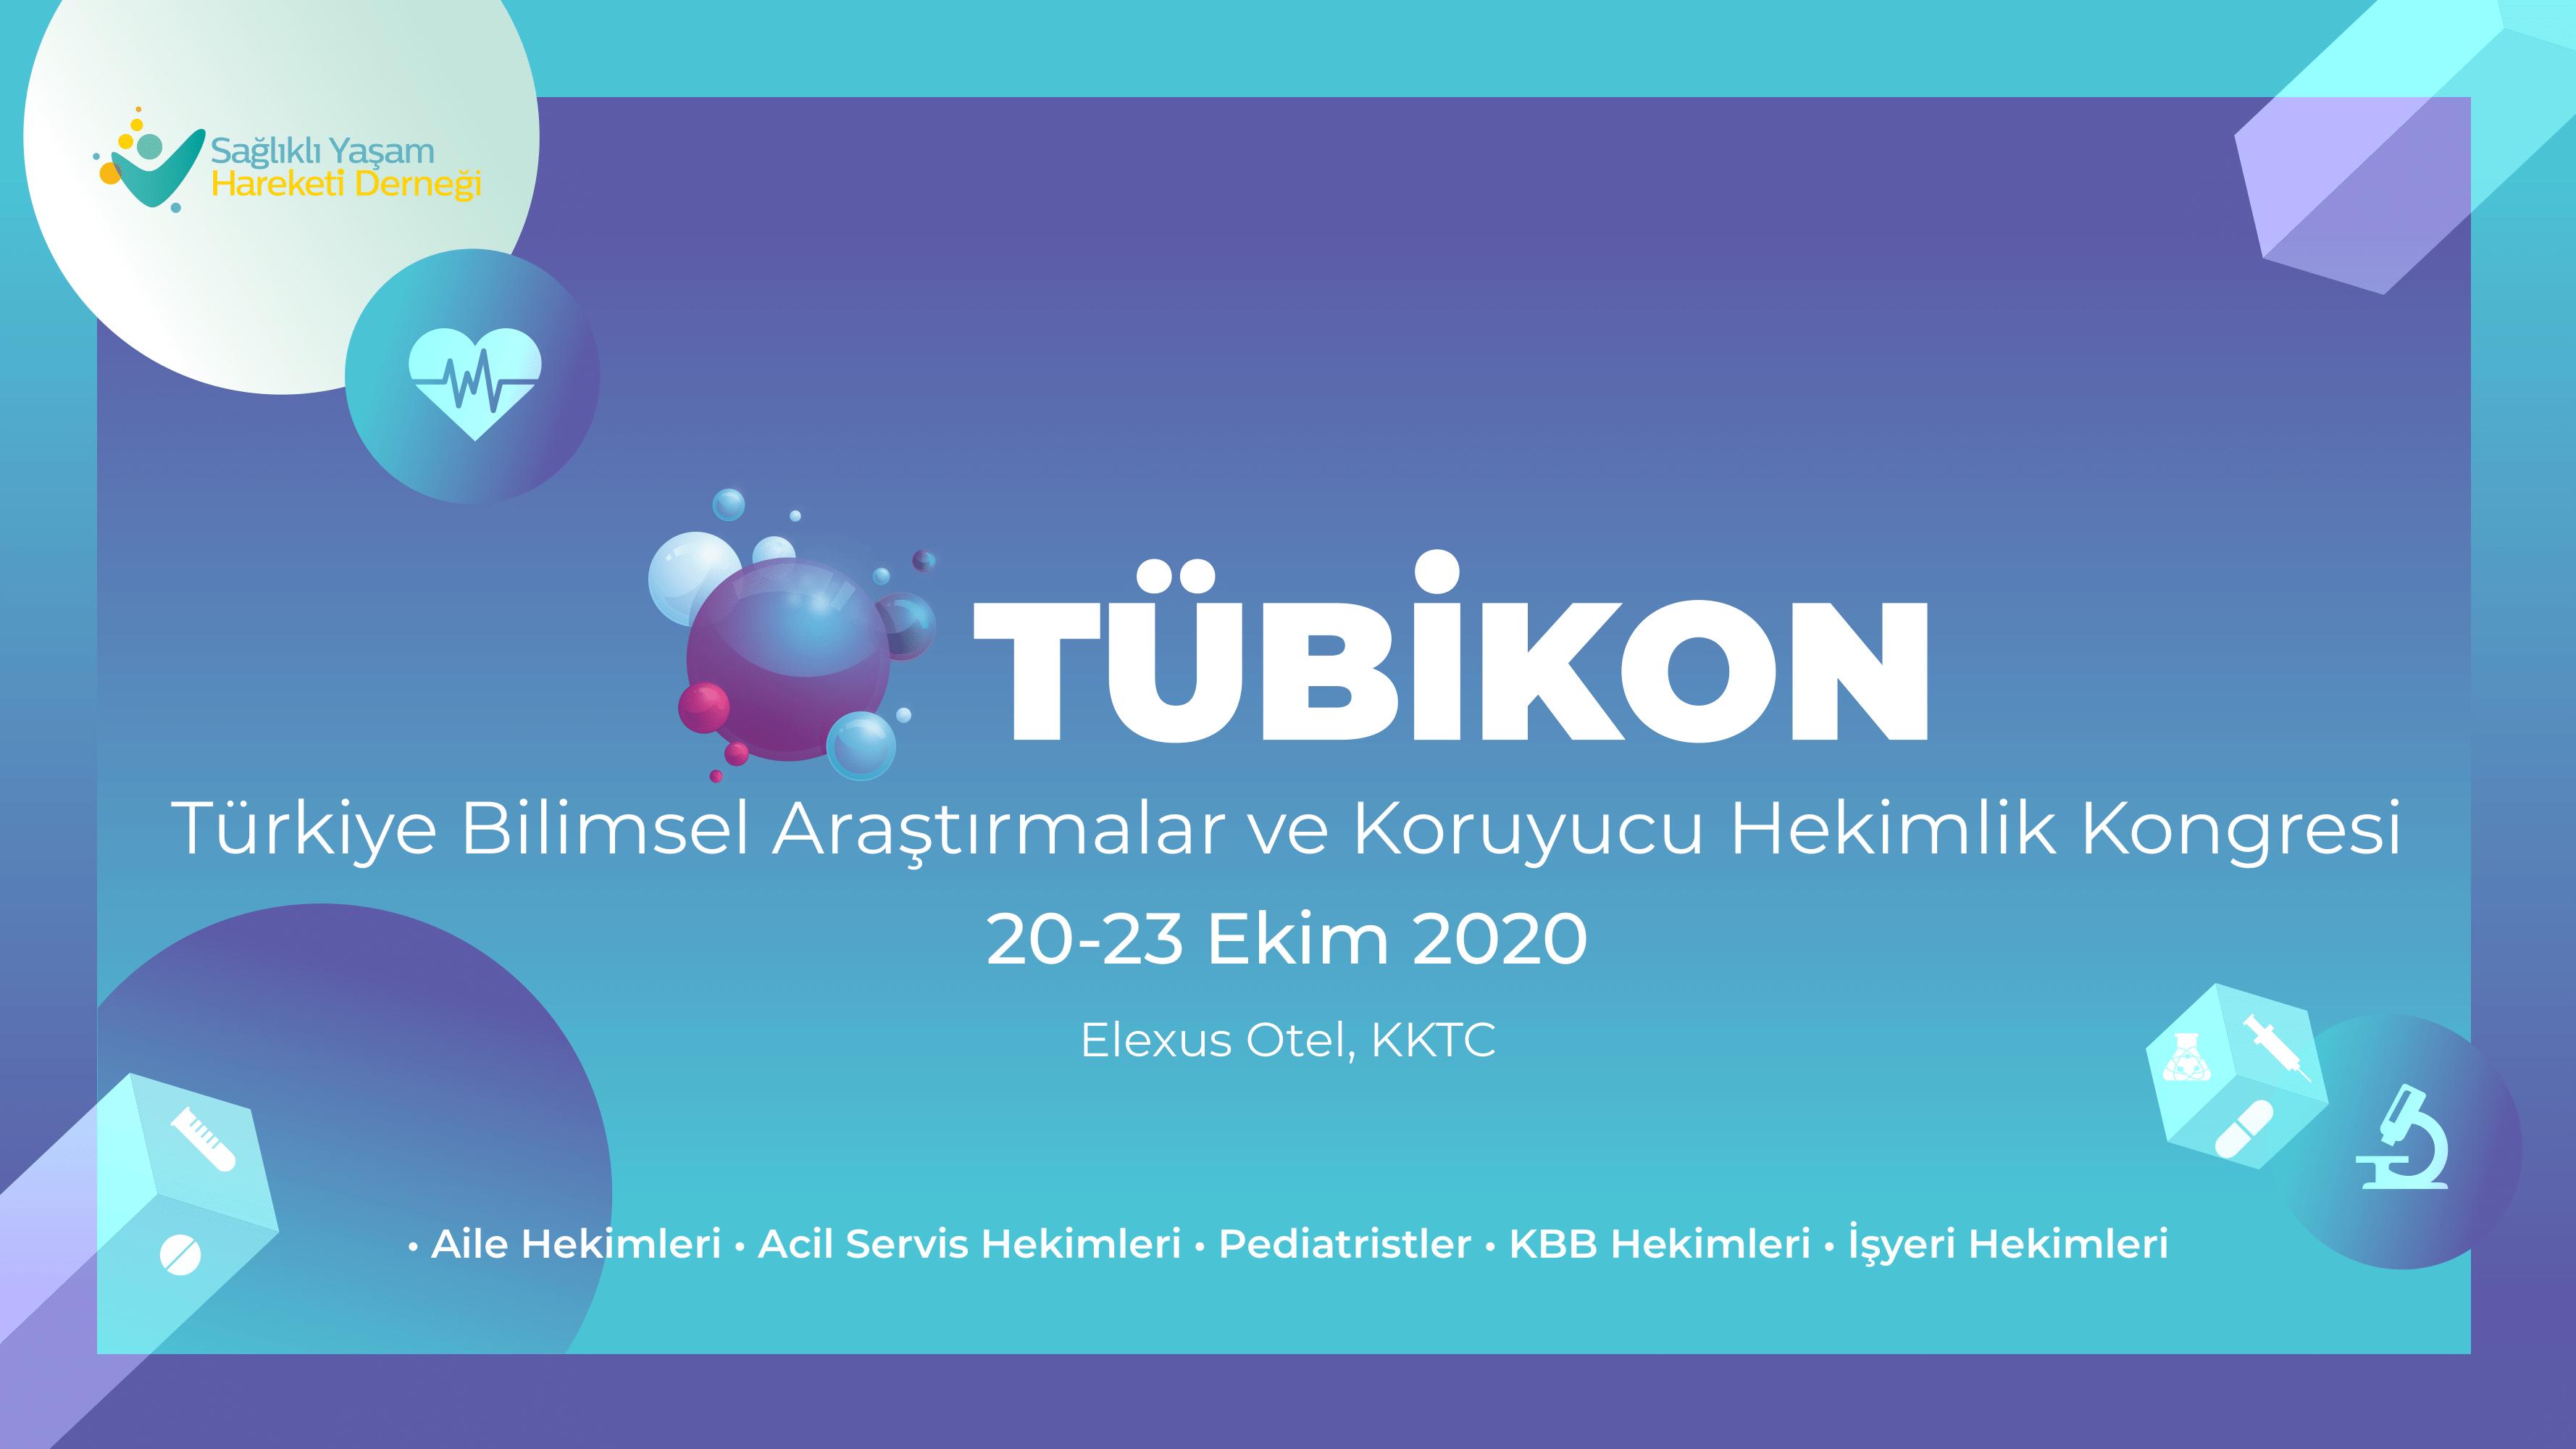 Türkiye Bilimsel Araştırmalar ve Koruyucu Hekimlik Kongresi